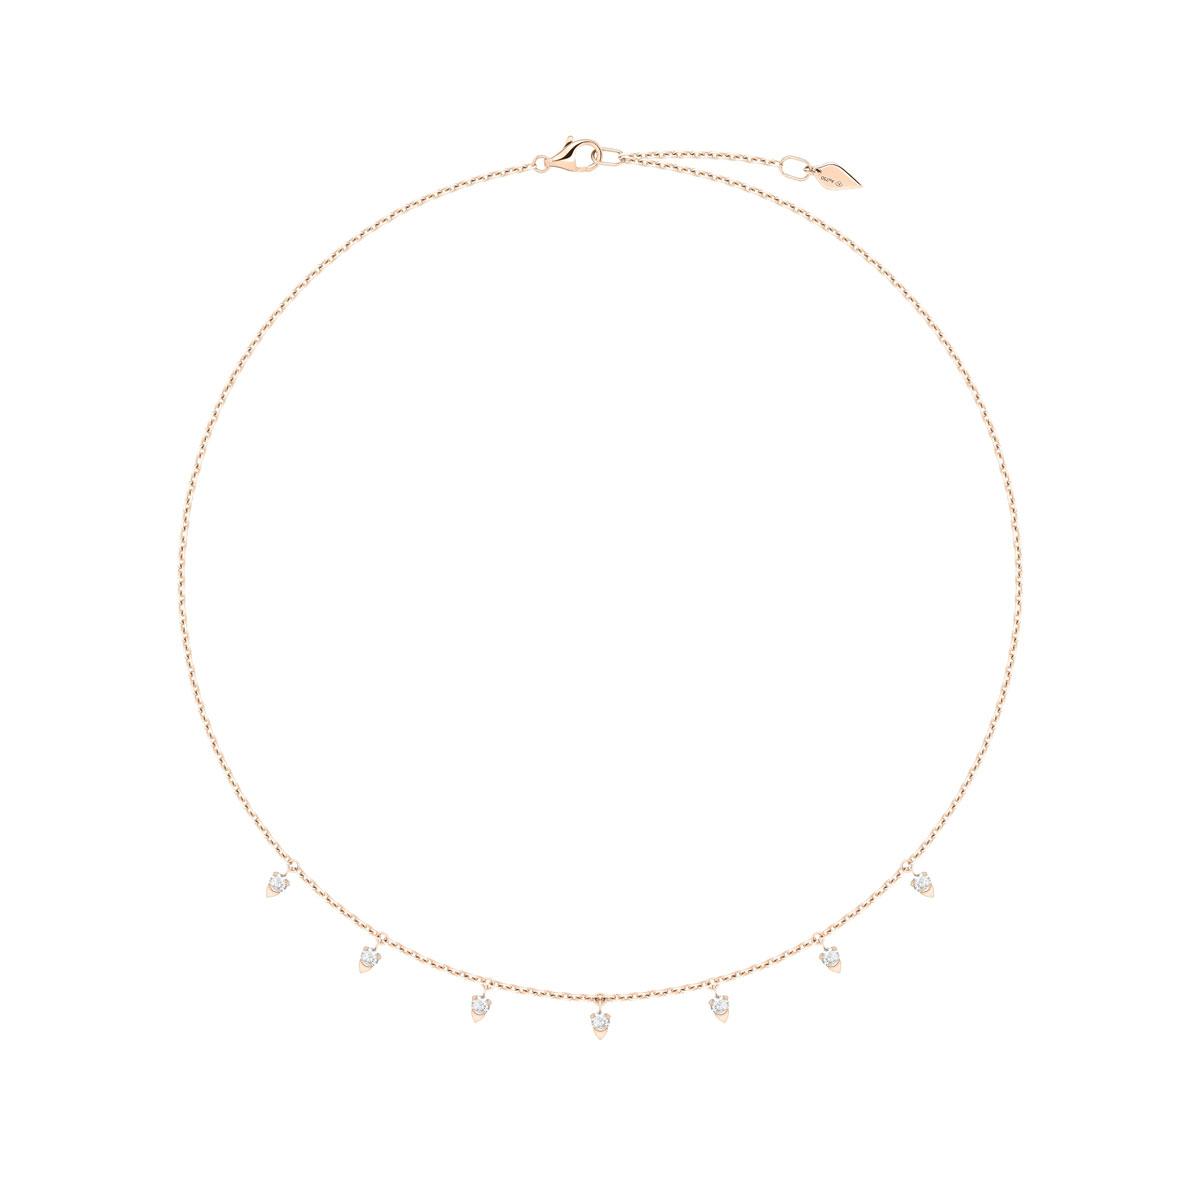 ネックレス〈PG、ダイヤモンド〉¥398,000